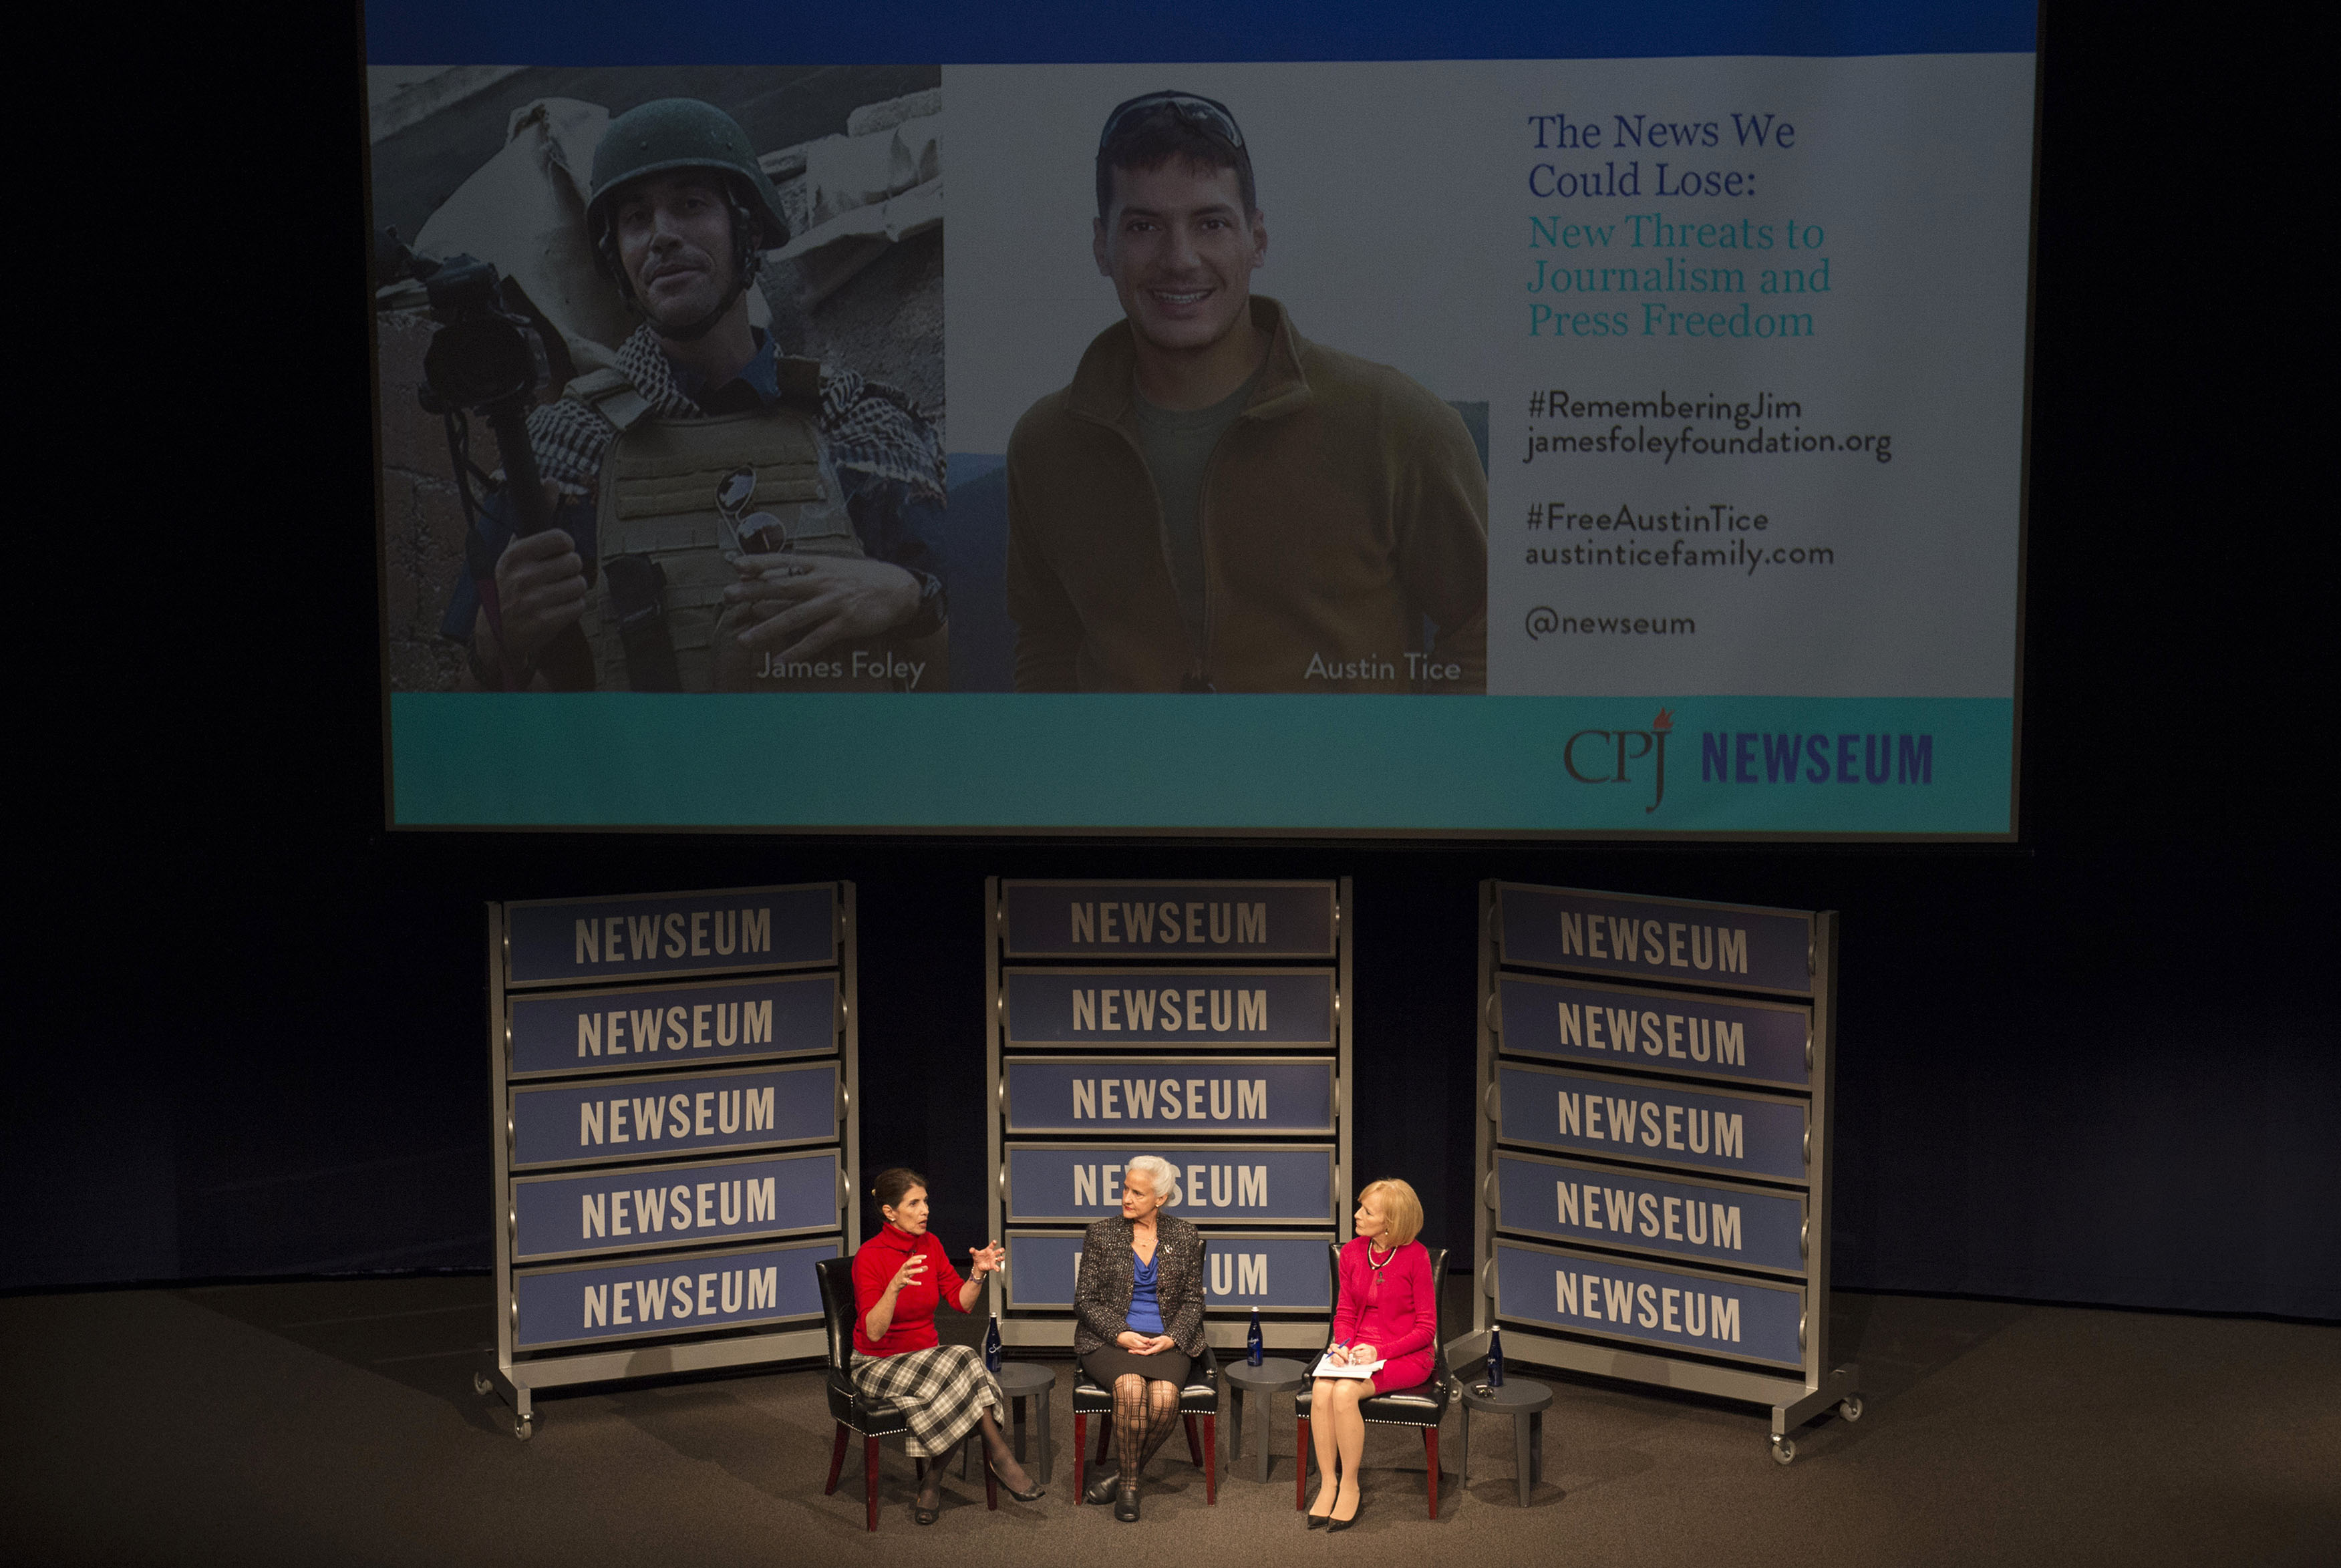 Diane Foley, a la izquierda, madre de James Foley, el fotoperiodista asesinado por miembros del Estado Islámico en 2014, y Debra Tice, madre del periodista freelance Austin Tice, quien ha estado desaparecido desde que lo capturaron en Siria en 2012, participan en un foro en el Newseum en Washington el 4 de febrero de 2015. (AP/Molly Riley)